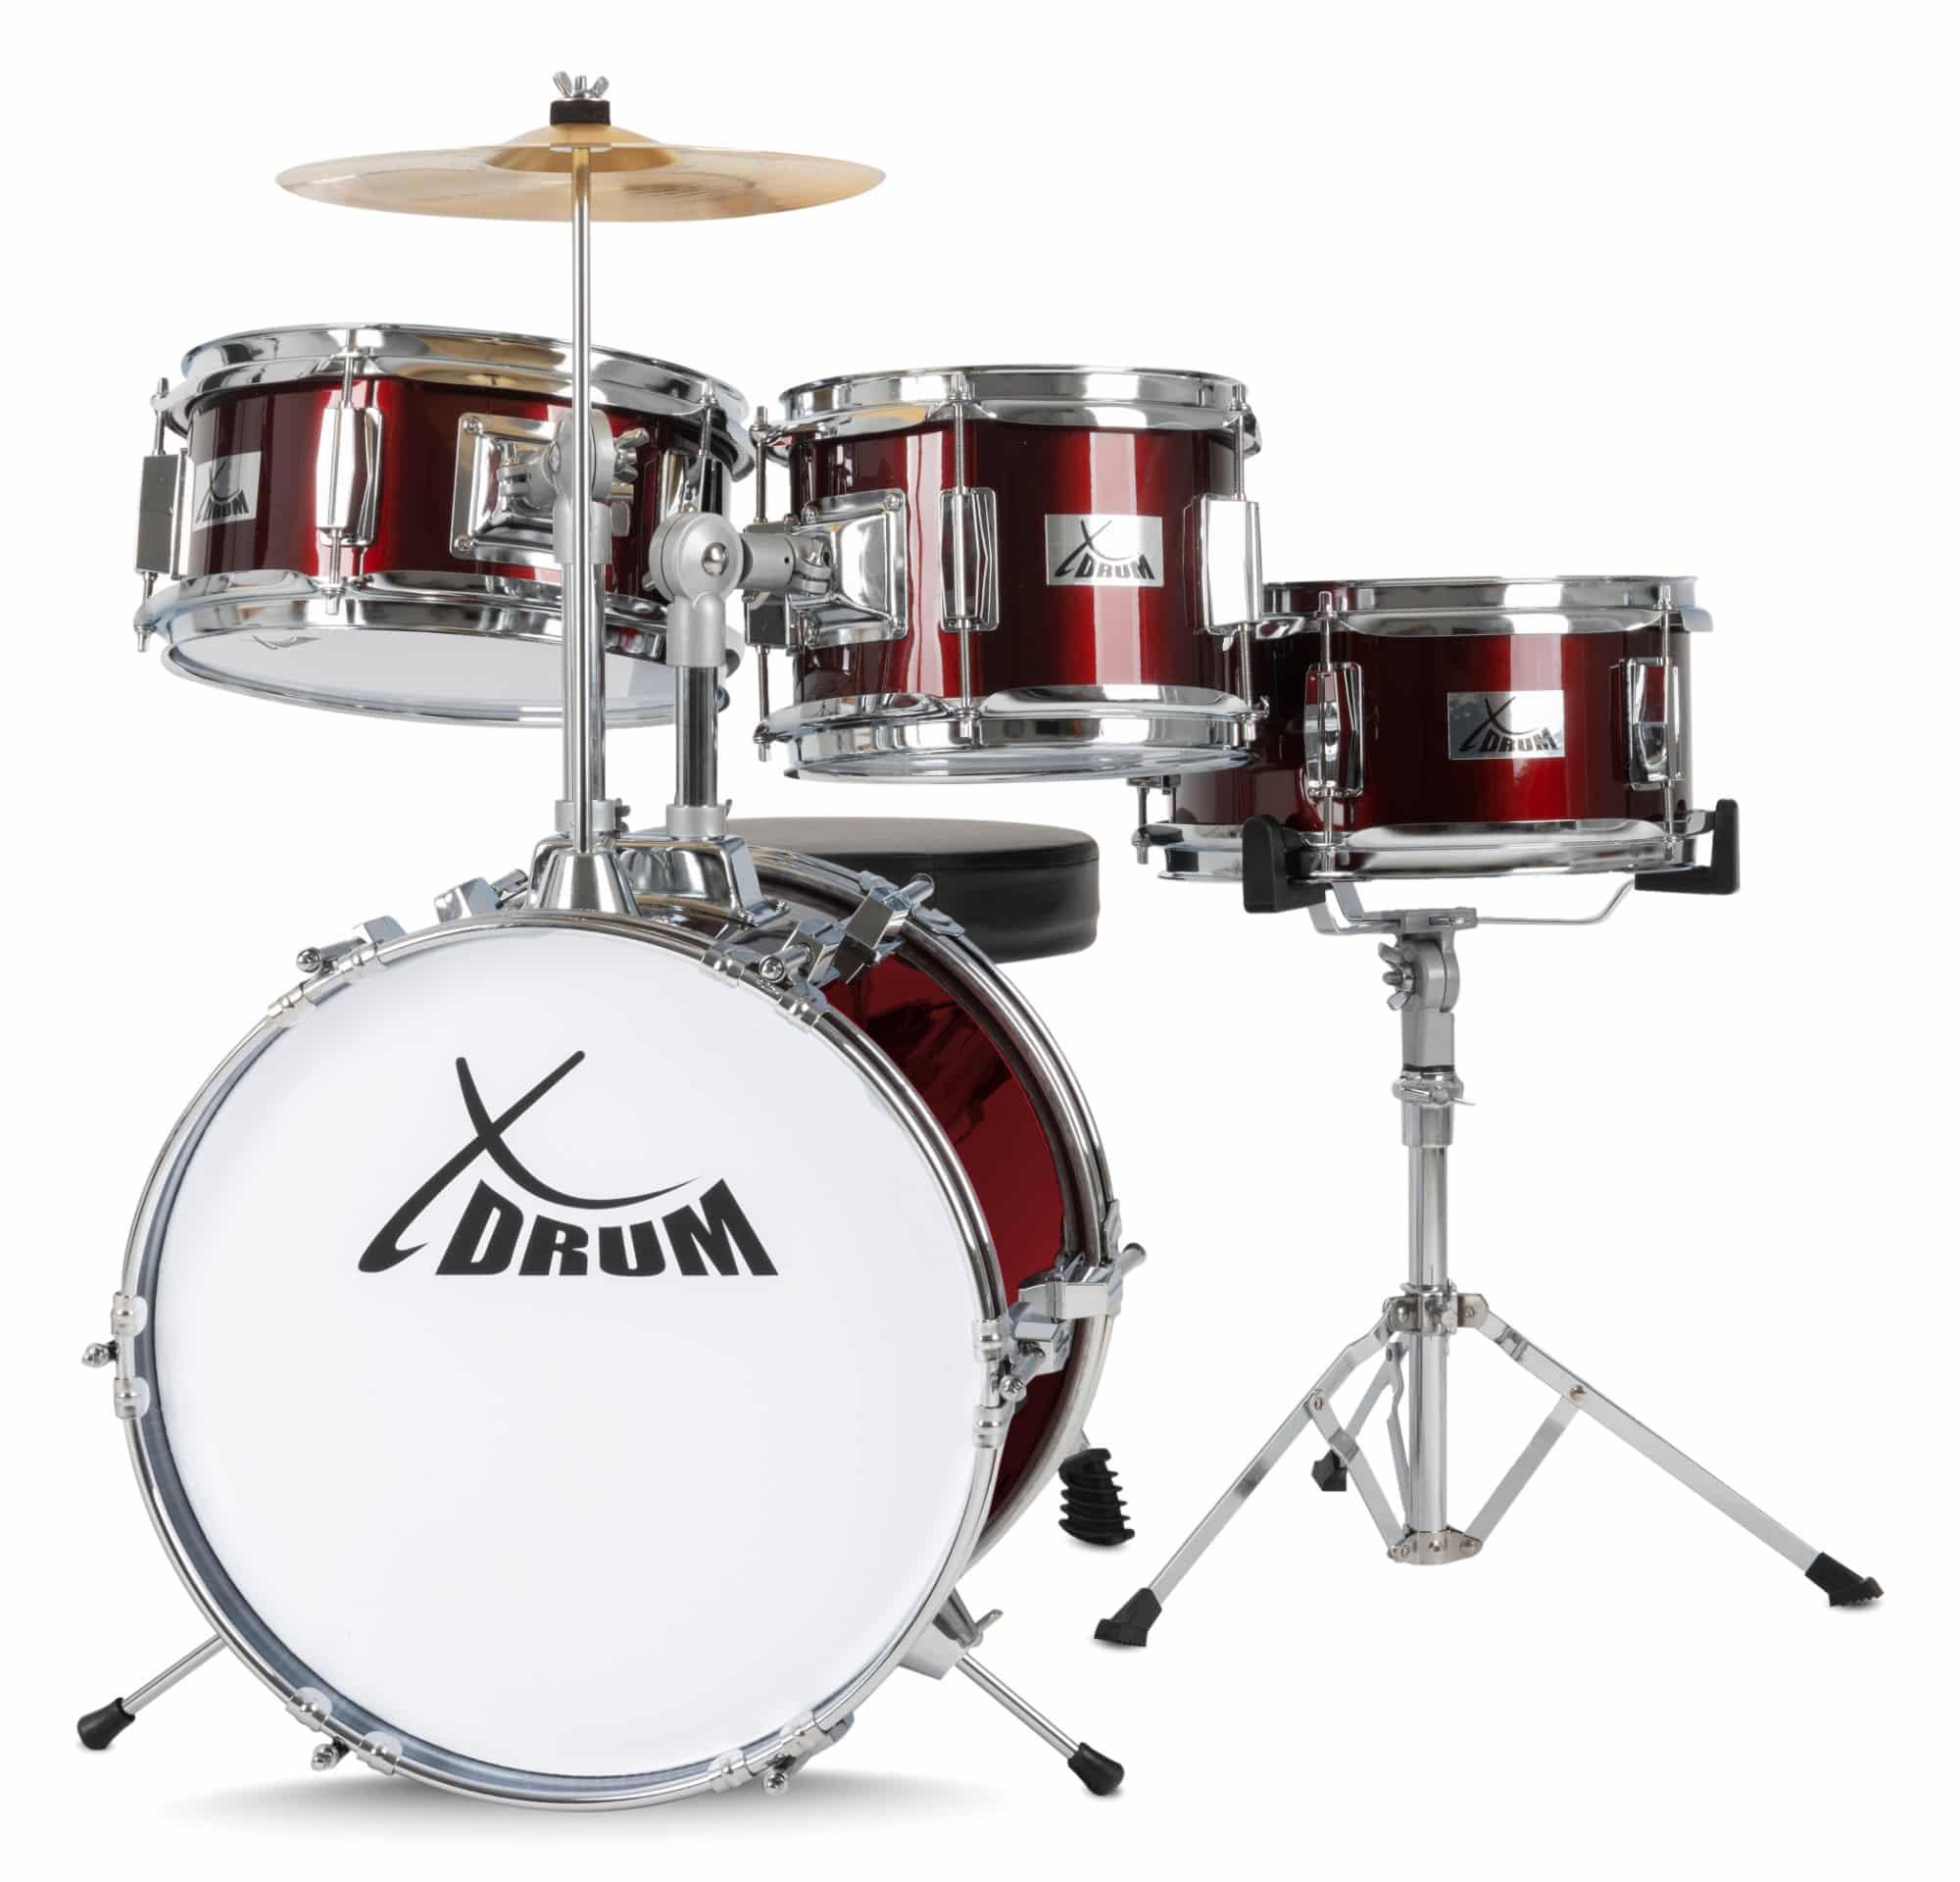 Akustikdrums - XDrum Junior Kinder Schlagzeug inkl. Schule DVD Retoure (Zustand akzeptabel) - Onlineshop Musikhaus Kirstein